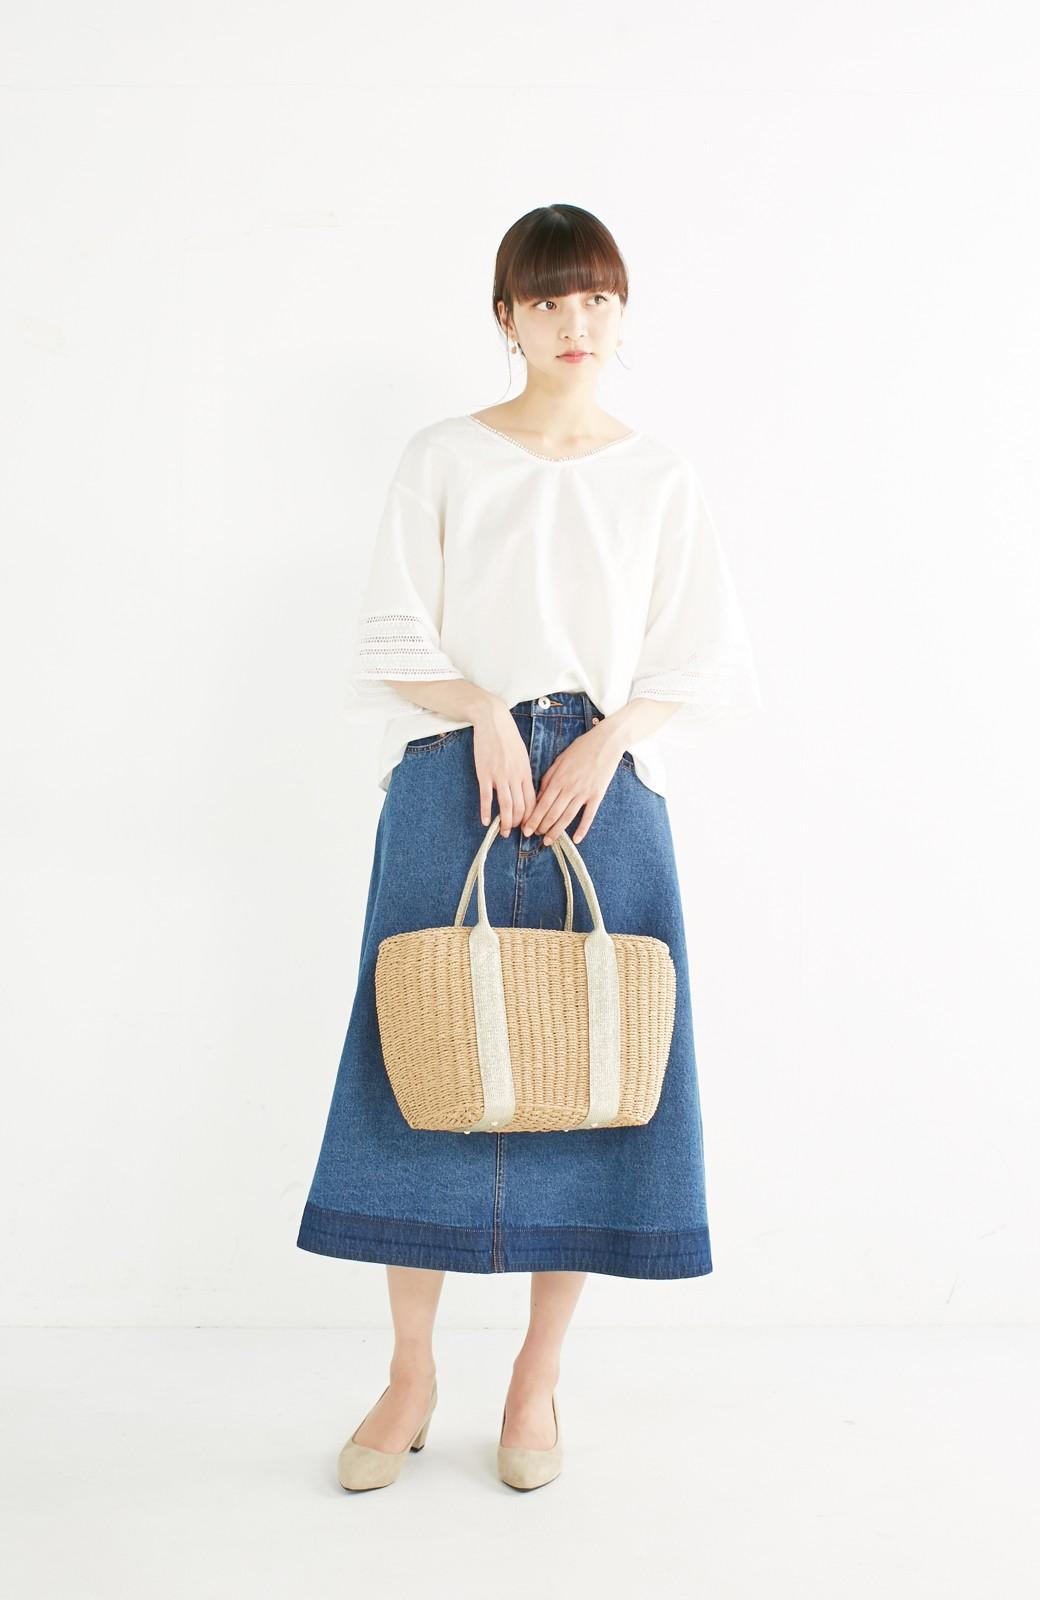 エムトロワ 着るほどになじむ 綿麻素材の袖レーストップス <ホワイト>の商品写真7